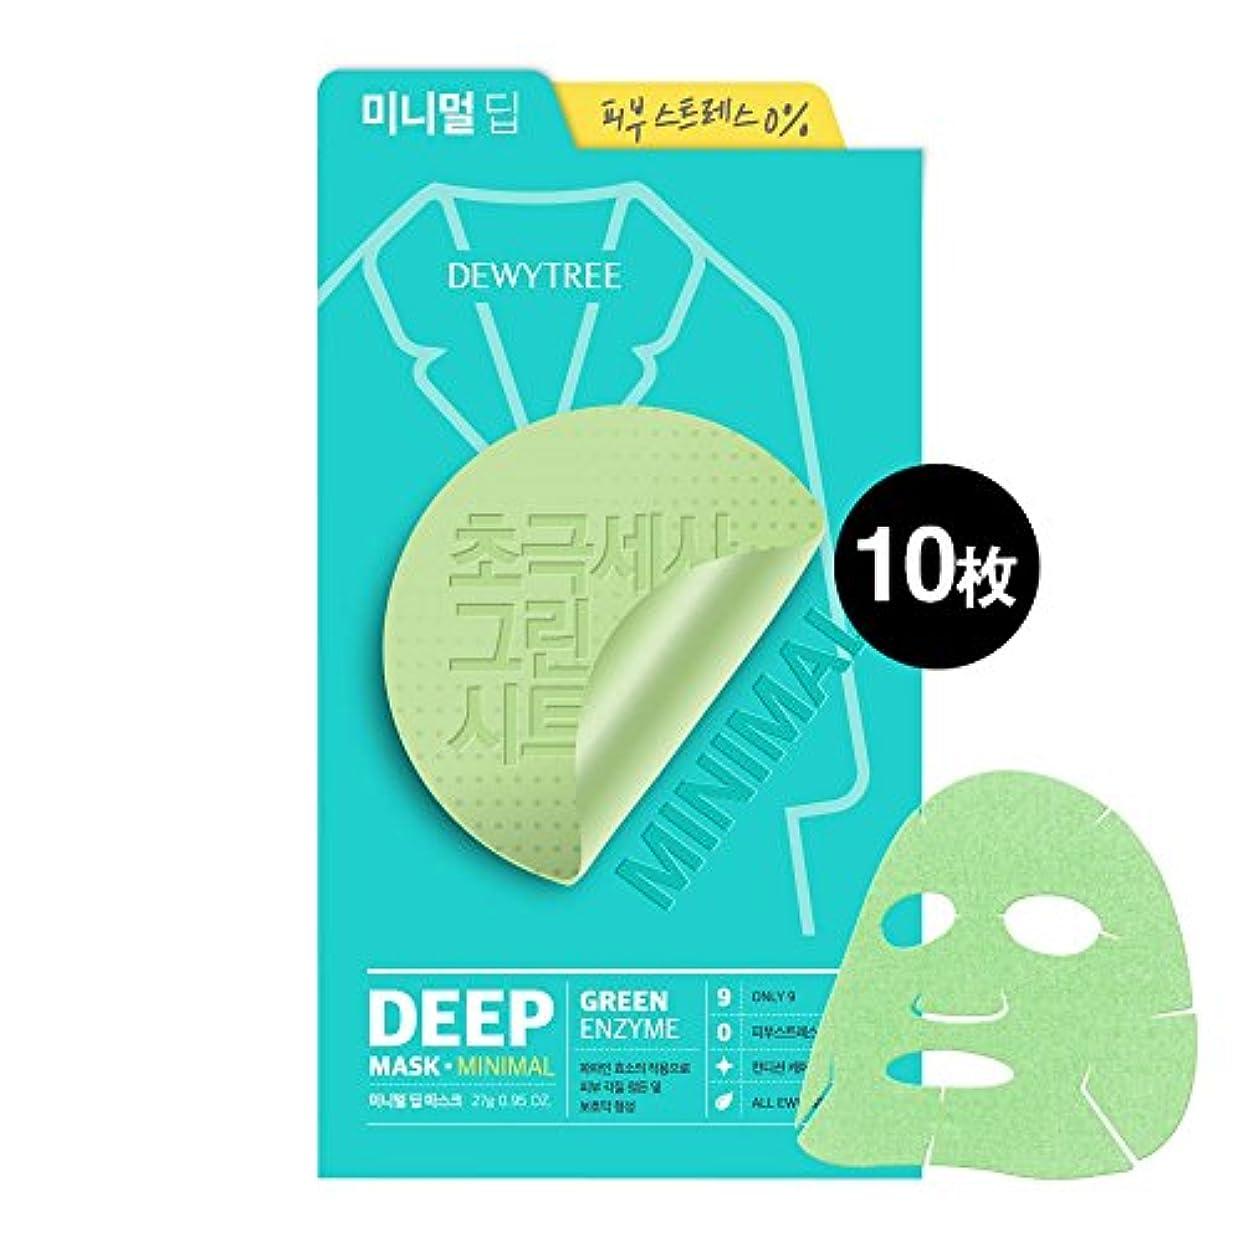 ライラックフォームストッキング(デューイトゥリー) DEWYTREE ミニマルディープマスク 10枚 Minimal Deep Mask 韓国マスクパック (並行輸入品)